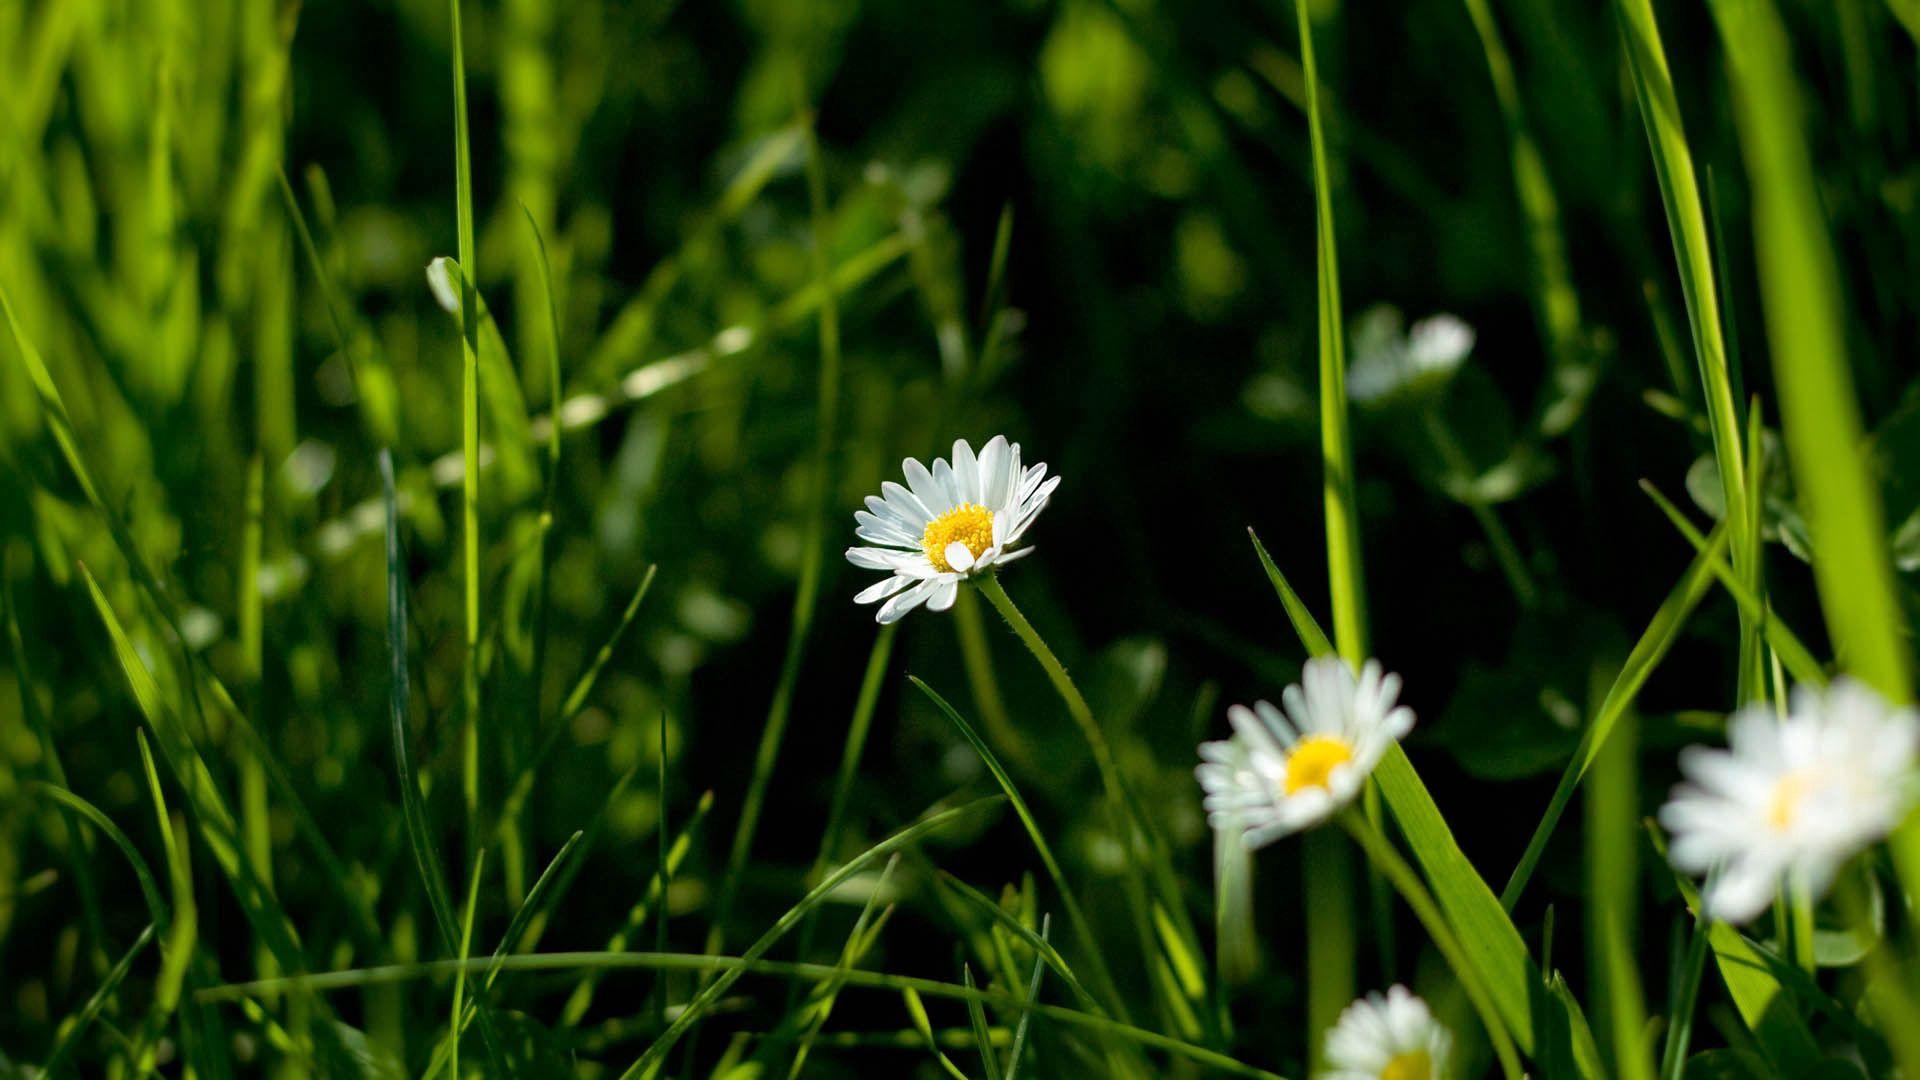 145284 Заставки и Обои Ромашки на телефон. Скачать Цветы, Трава, Ромашки, Растение, Макро картинки бесплатно